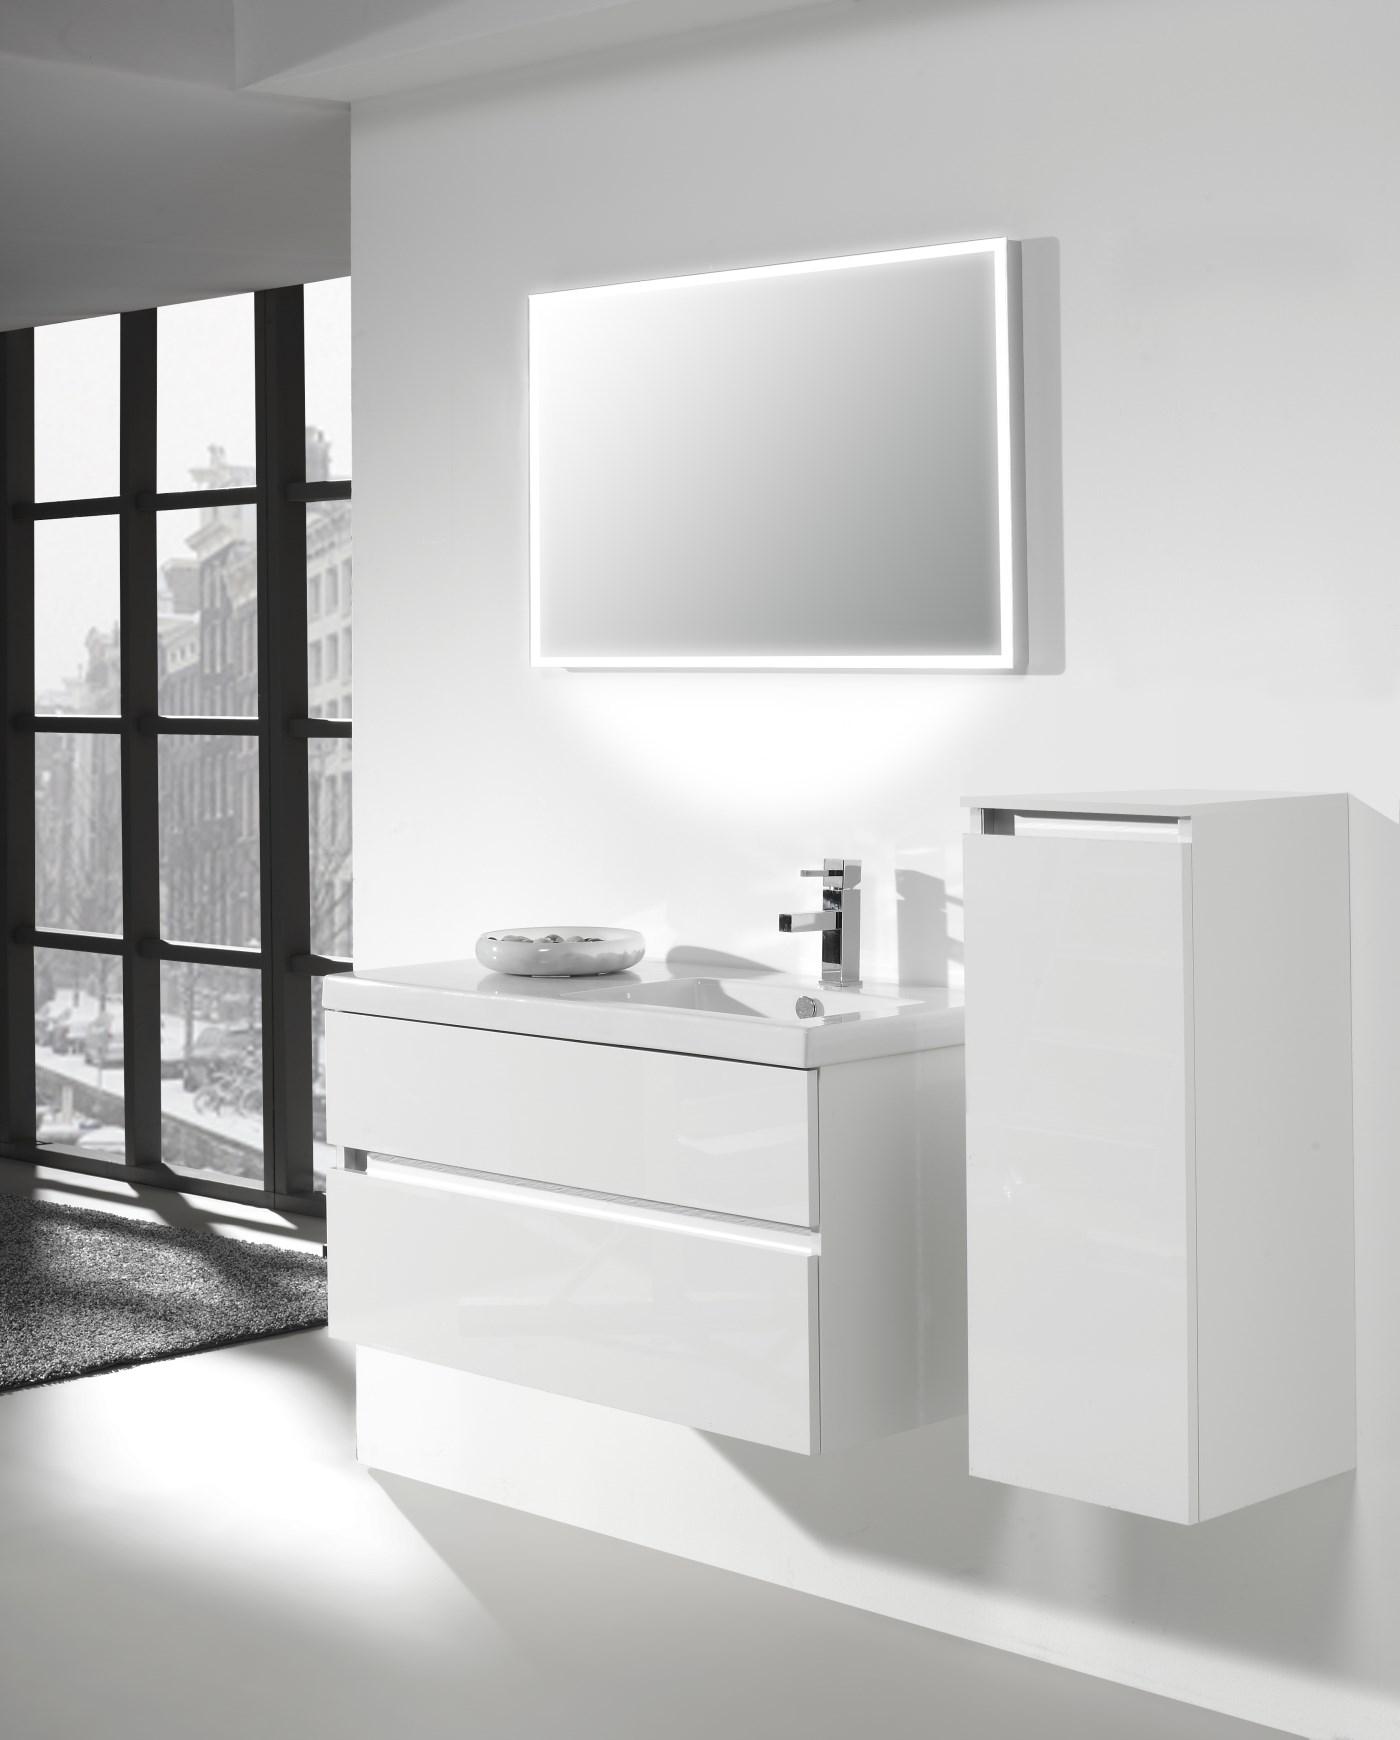 Badkamerkast De Ruimtewinner In De Badkamer Het Laatste